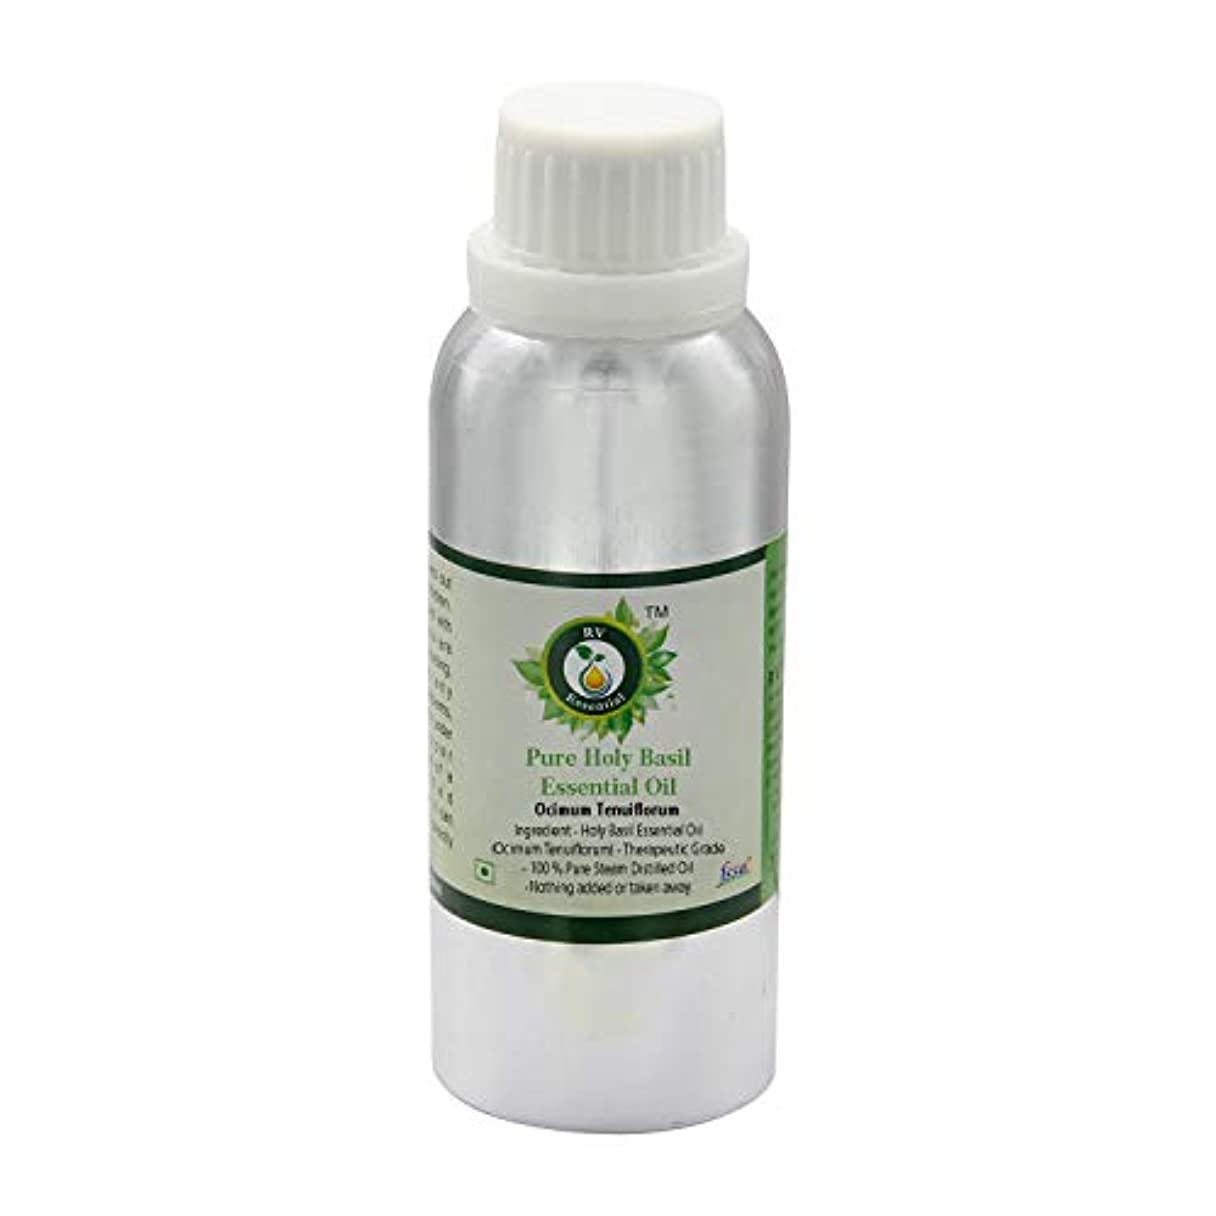 パネル去る中世のR V Essential ピュアホーリーバジルエッセンシャルオイル1250ml (42oz)- Ocimum Tenuiflorum (100%純粋&天然スチームDistilled) Pure Holy Basil Essential...